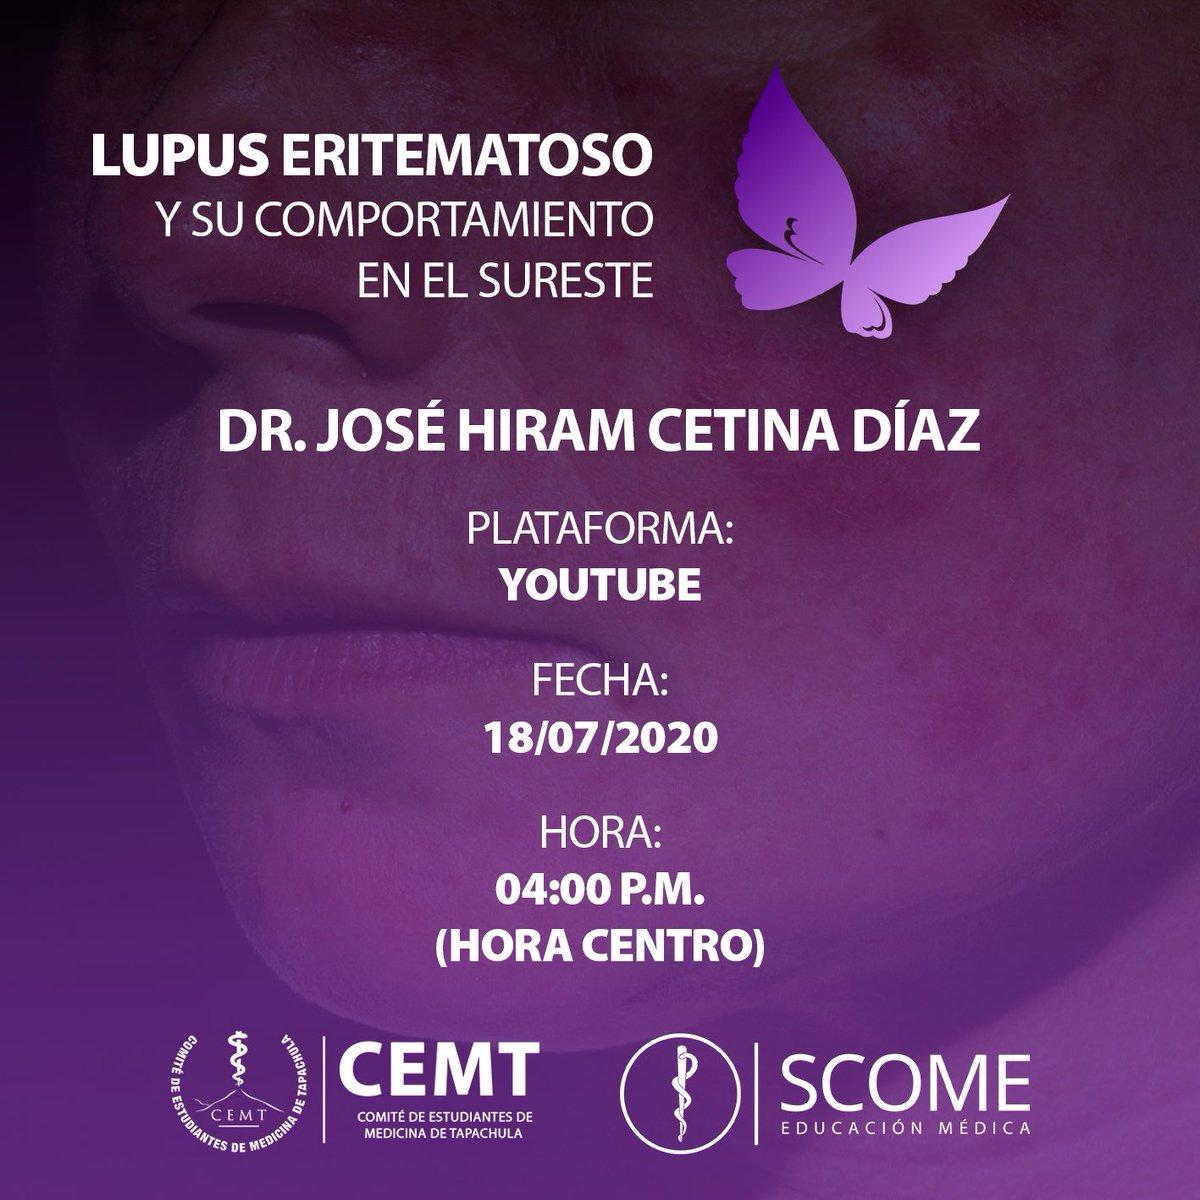 """El CEMT te invita a la videoconferencia de """"Lupus eritematoso en la región del Sureste"""" por el Dr José Hiram Cetina Díaz. Se entregarán constancias por la participación:  Inscríbete aquí  https://forms.gle/A31nvQ5rt5ZcdVyD7…pic.twitter.com/pbJC3yZBMq"""